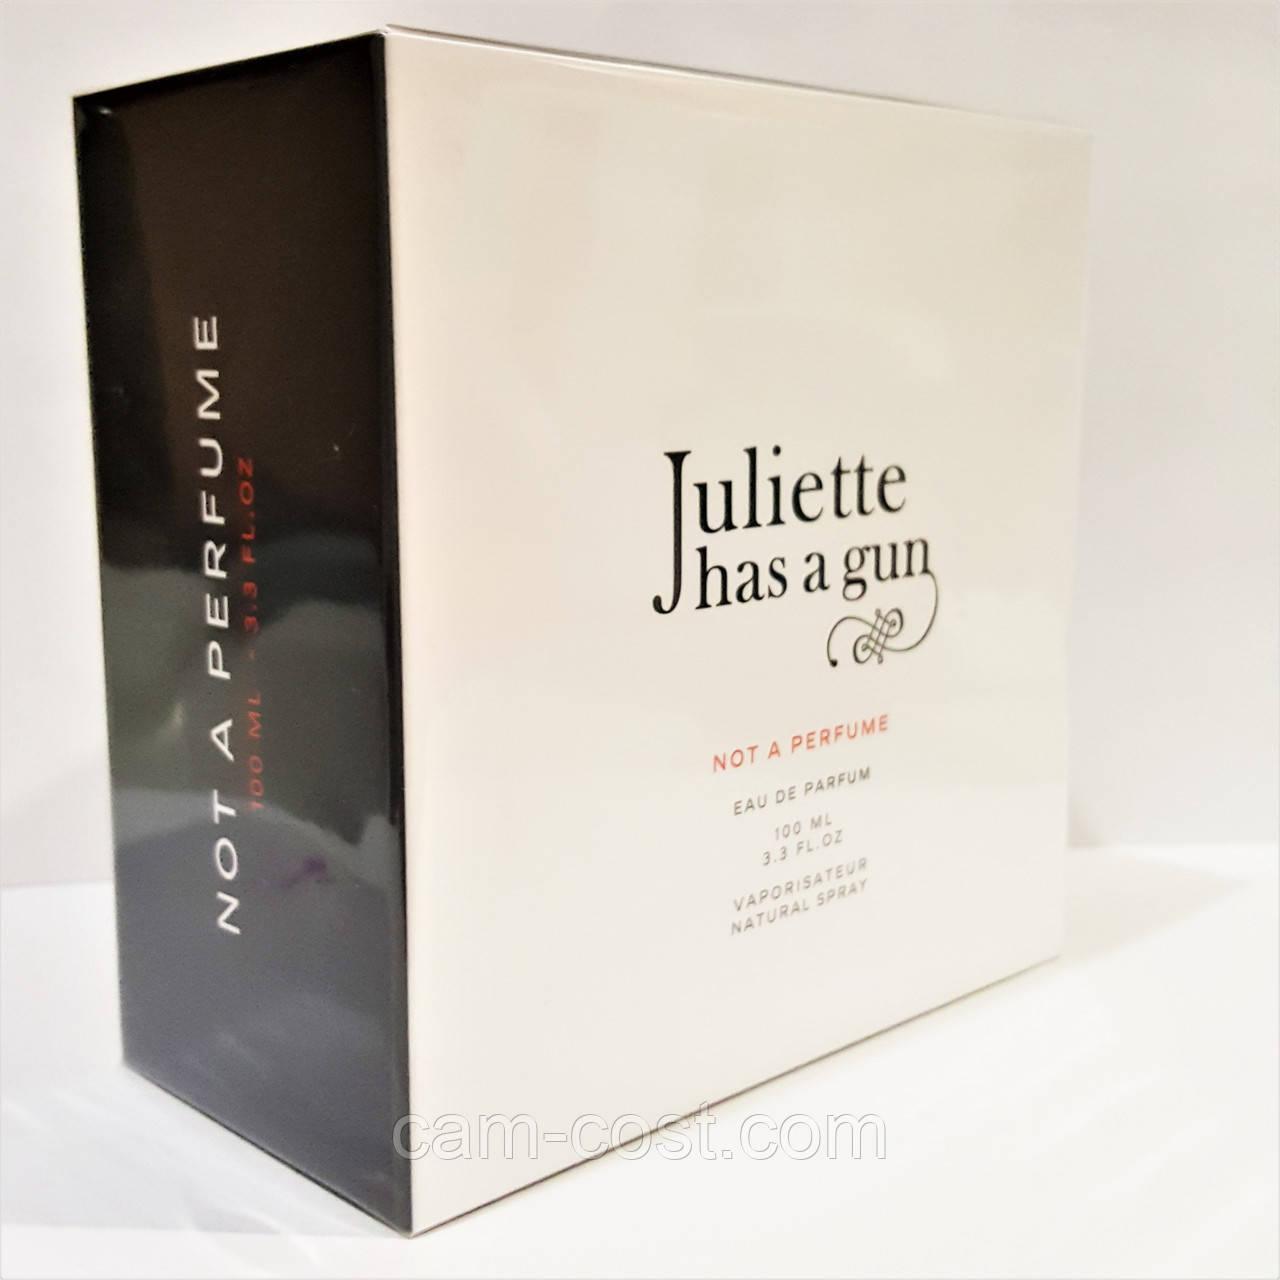 Juliette Has A Gun Not A Perfume (ORIGINAL) edp 100 ml